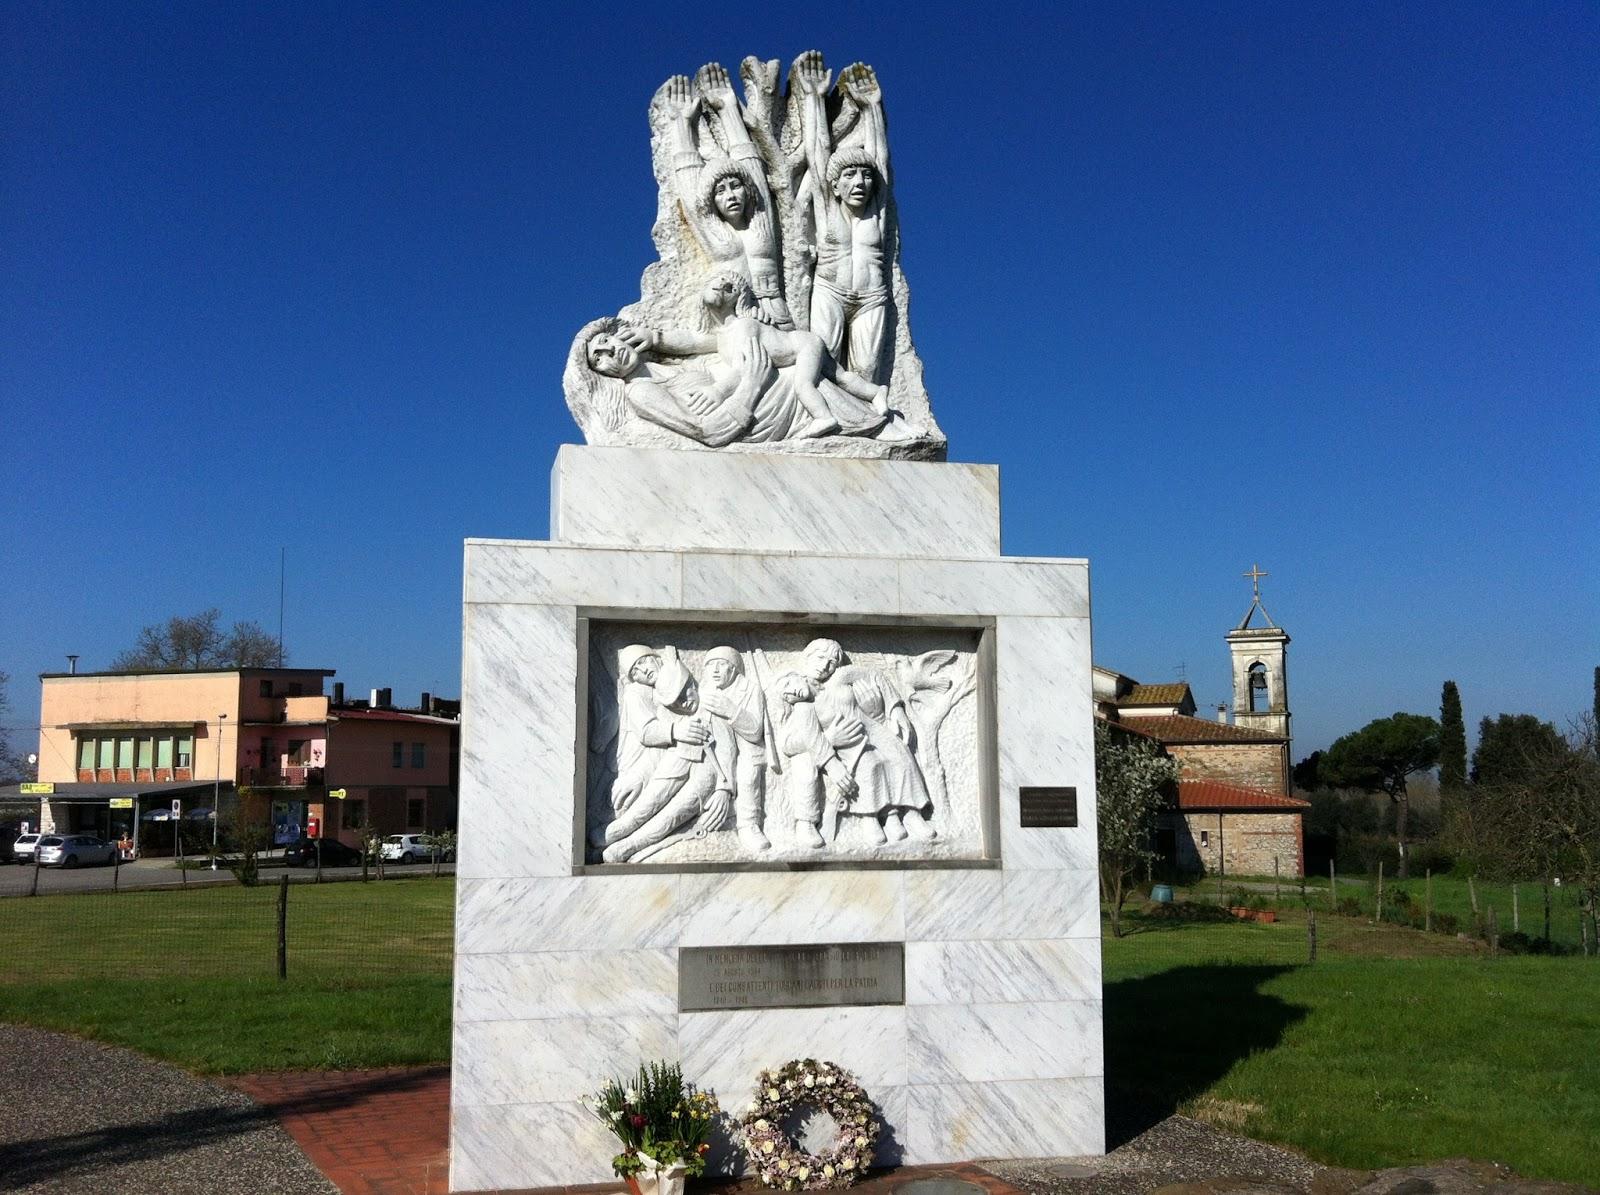 Monumento in ricordo delle vittime a Larciano